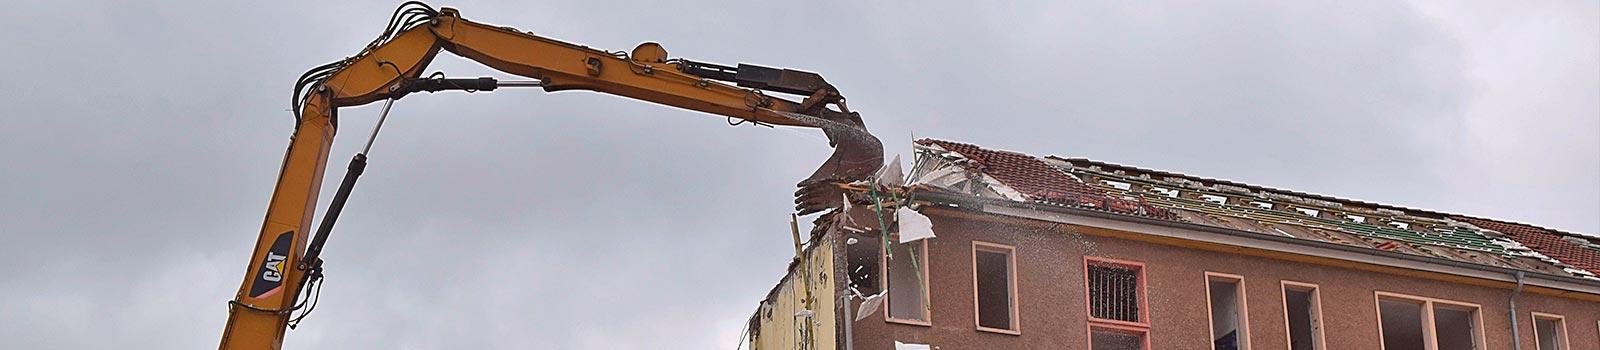 Die 3B GmbH & Bausanierung GmbH bei Abbrucharbeiten eines Wohngebäudes.